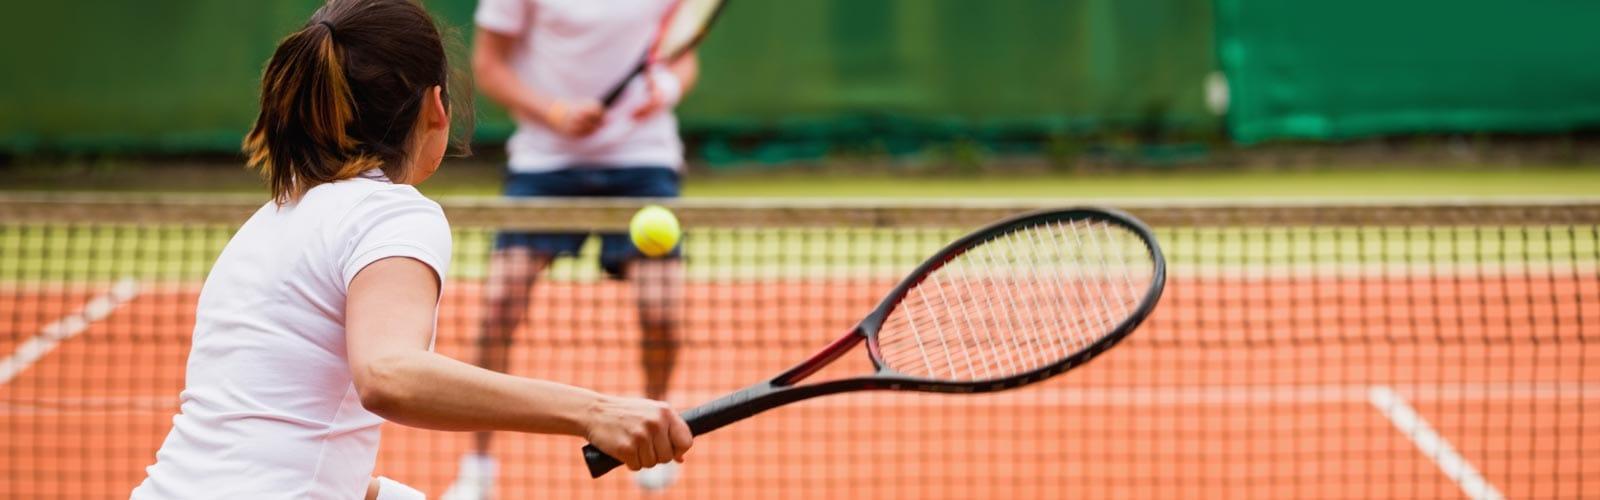 Tennis As